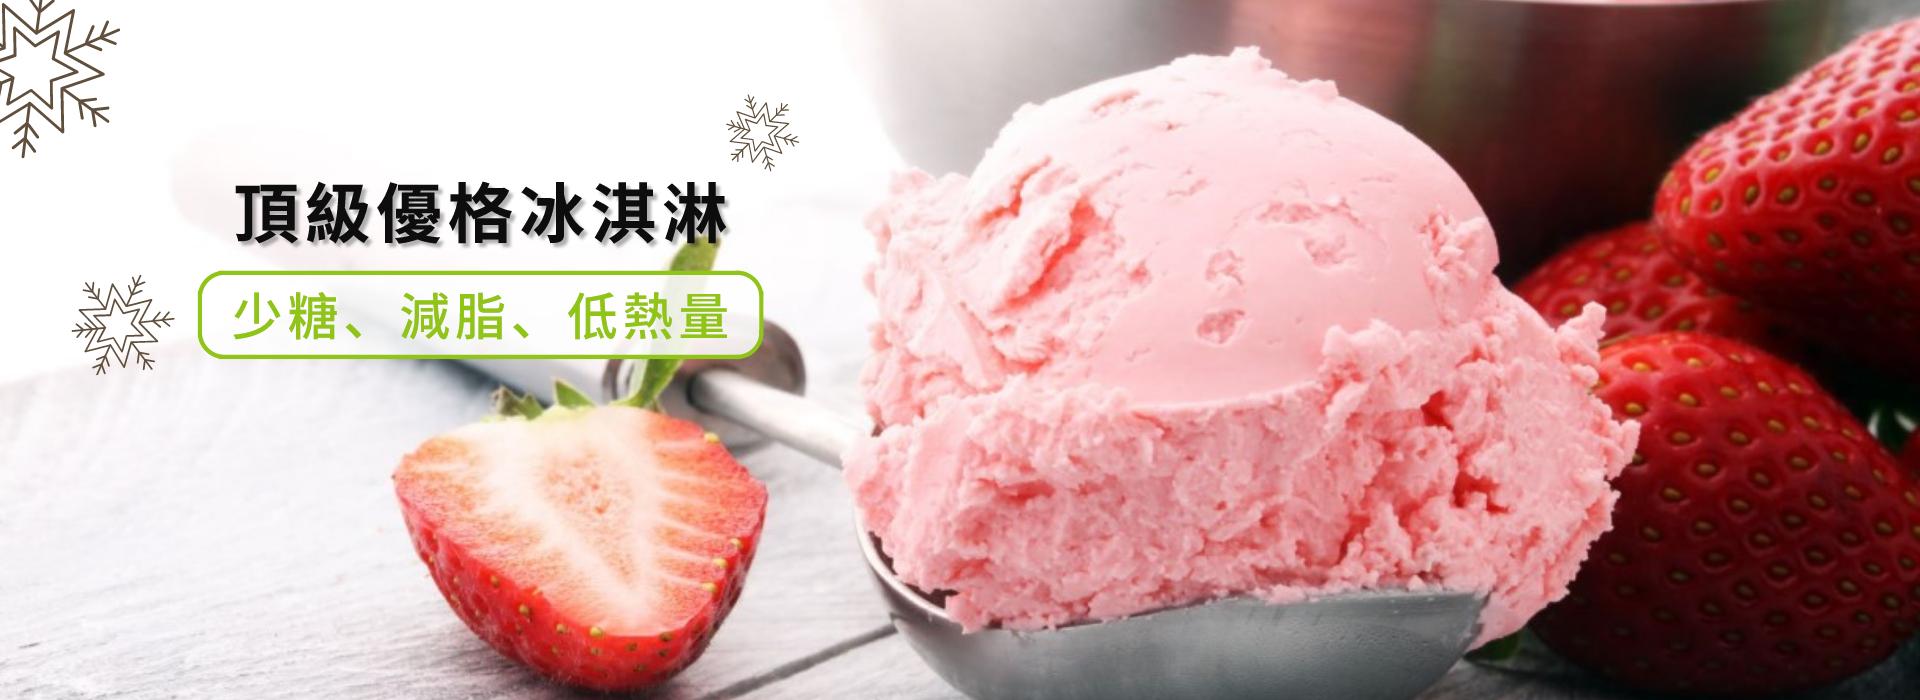 雪坊優格冰淇淋